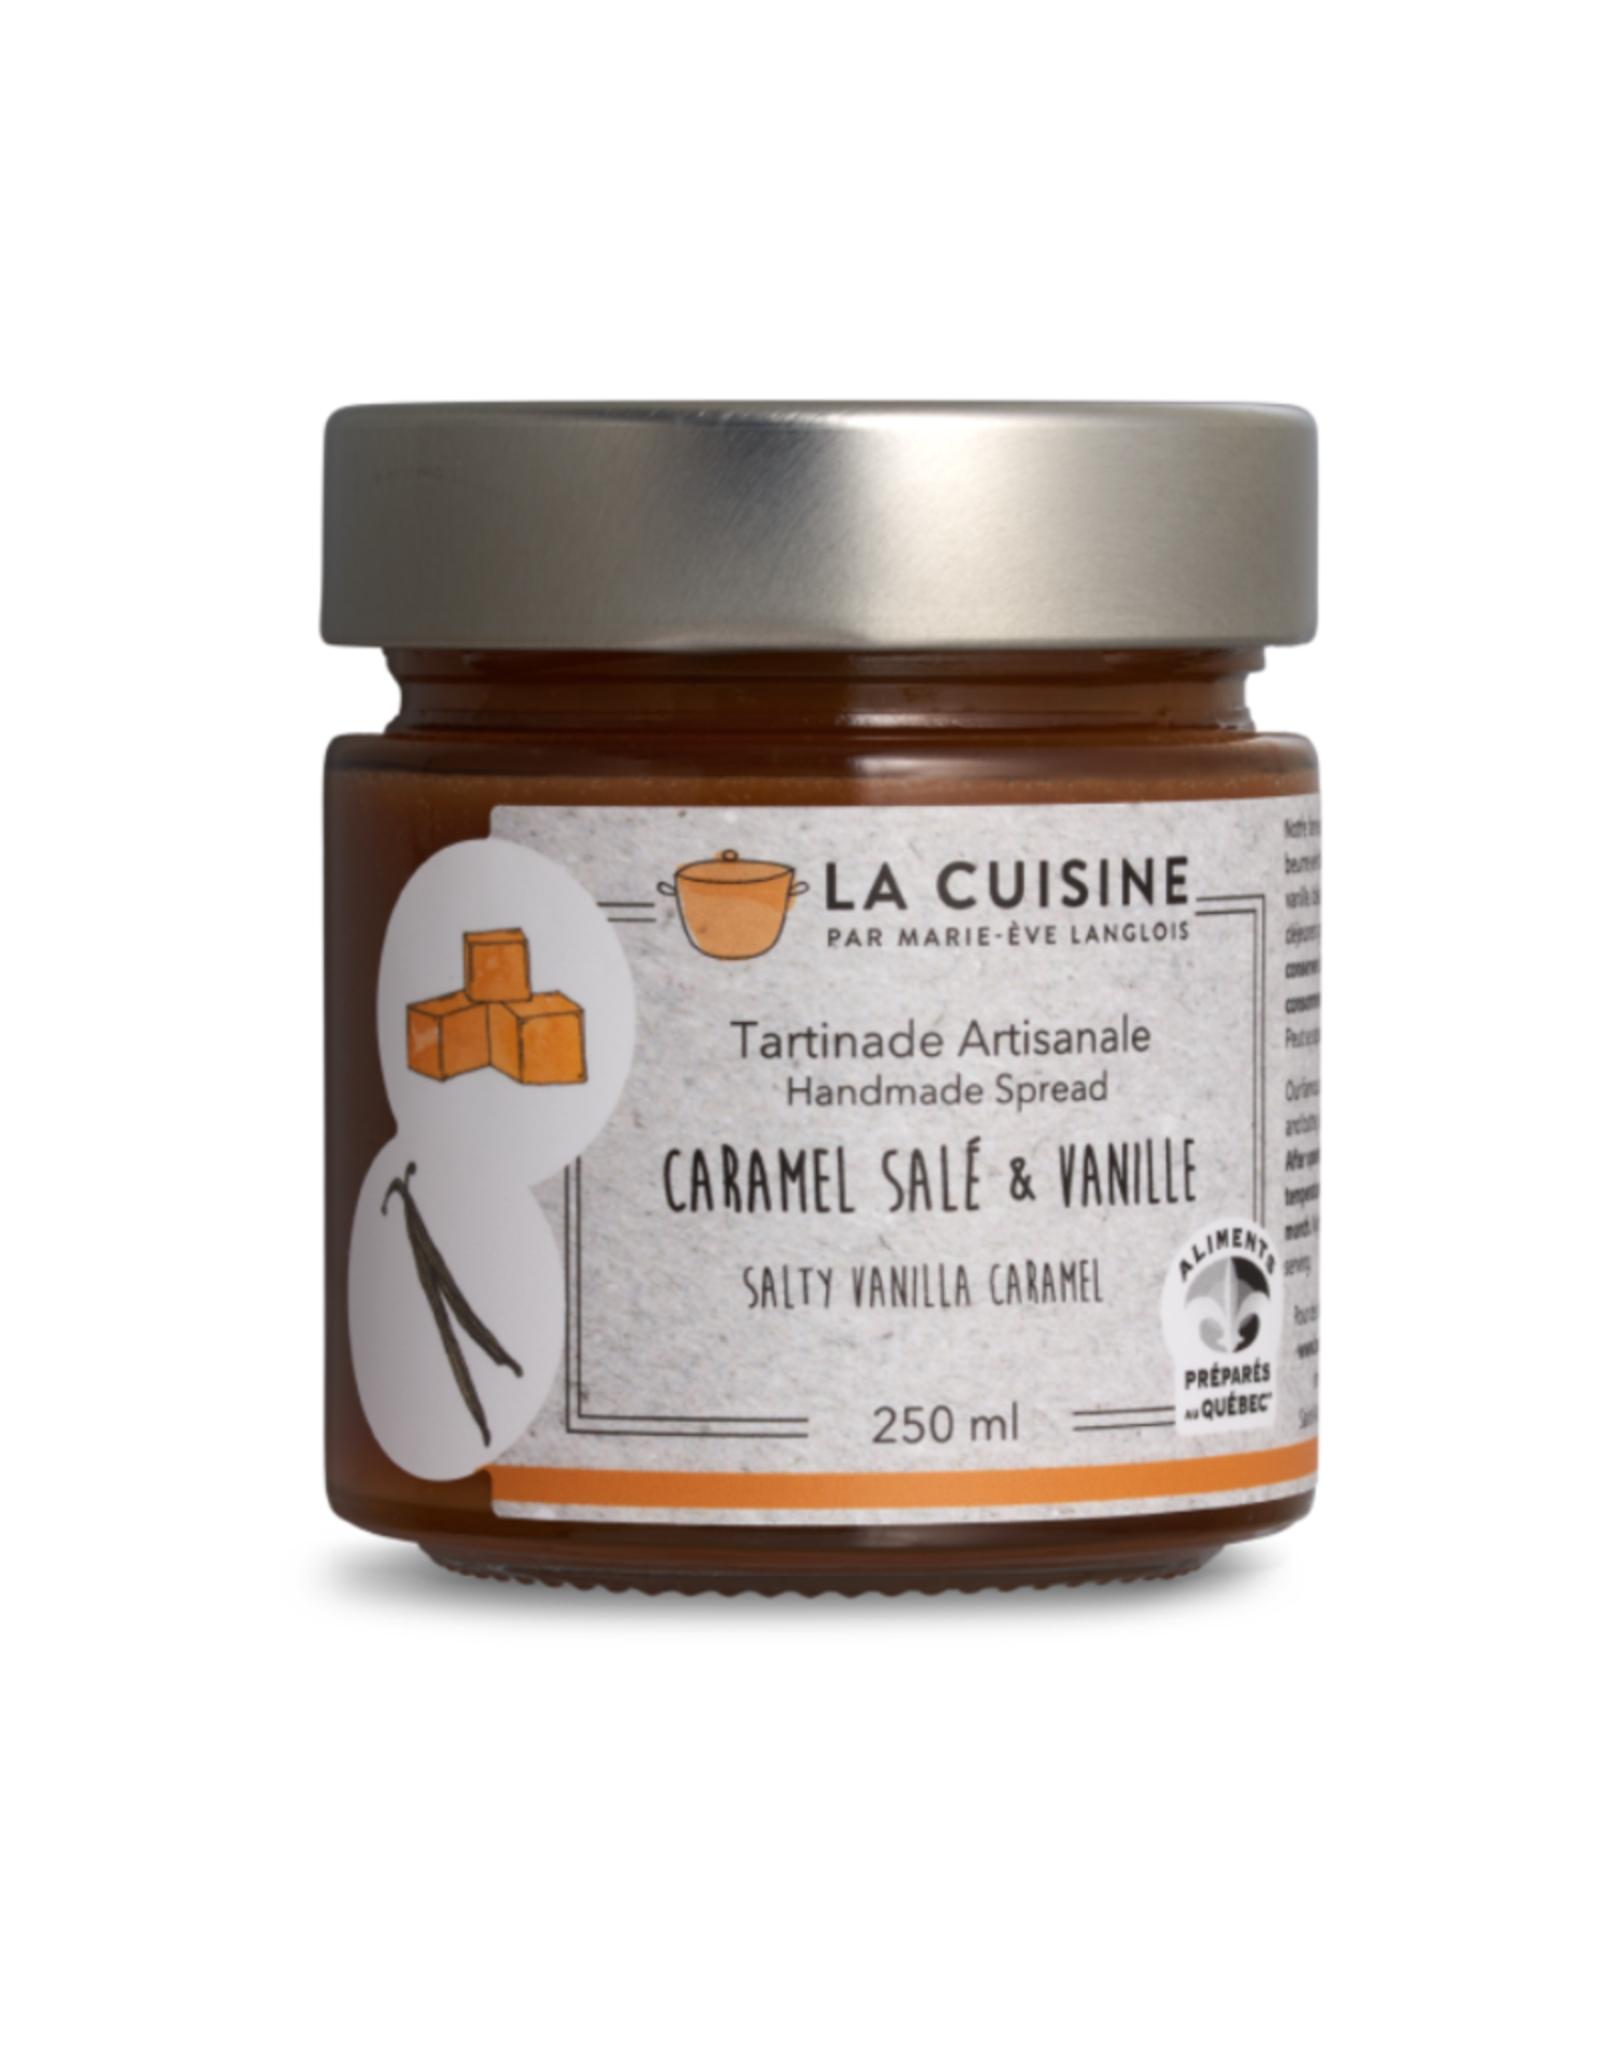 Caramel salé & Vanille